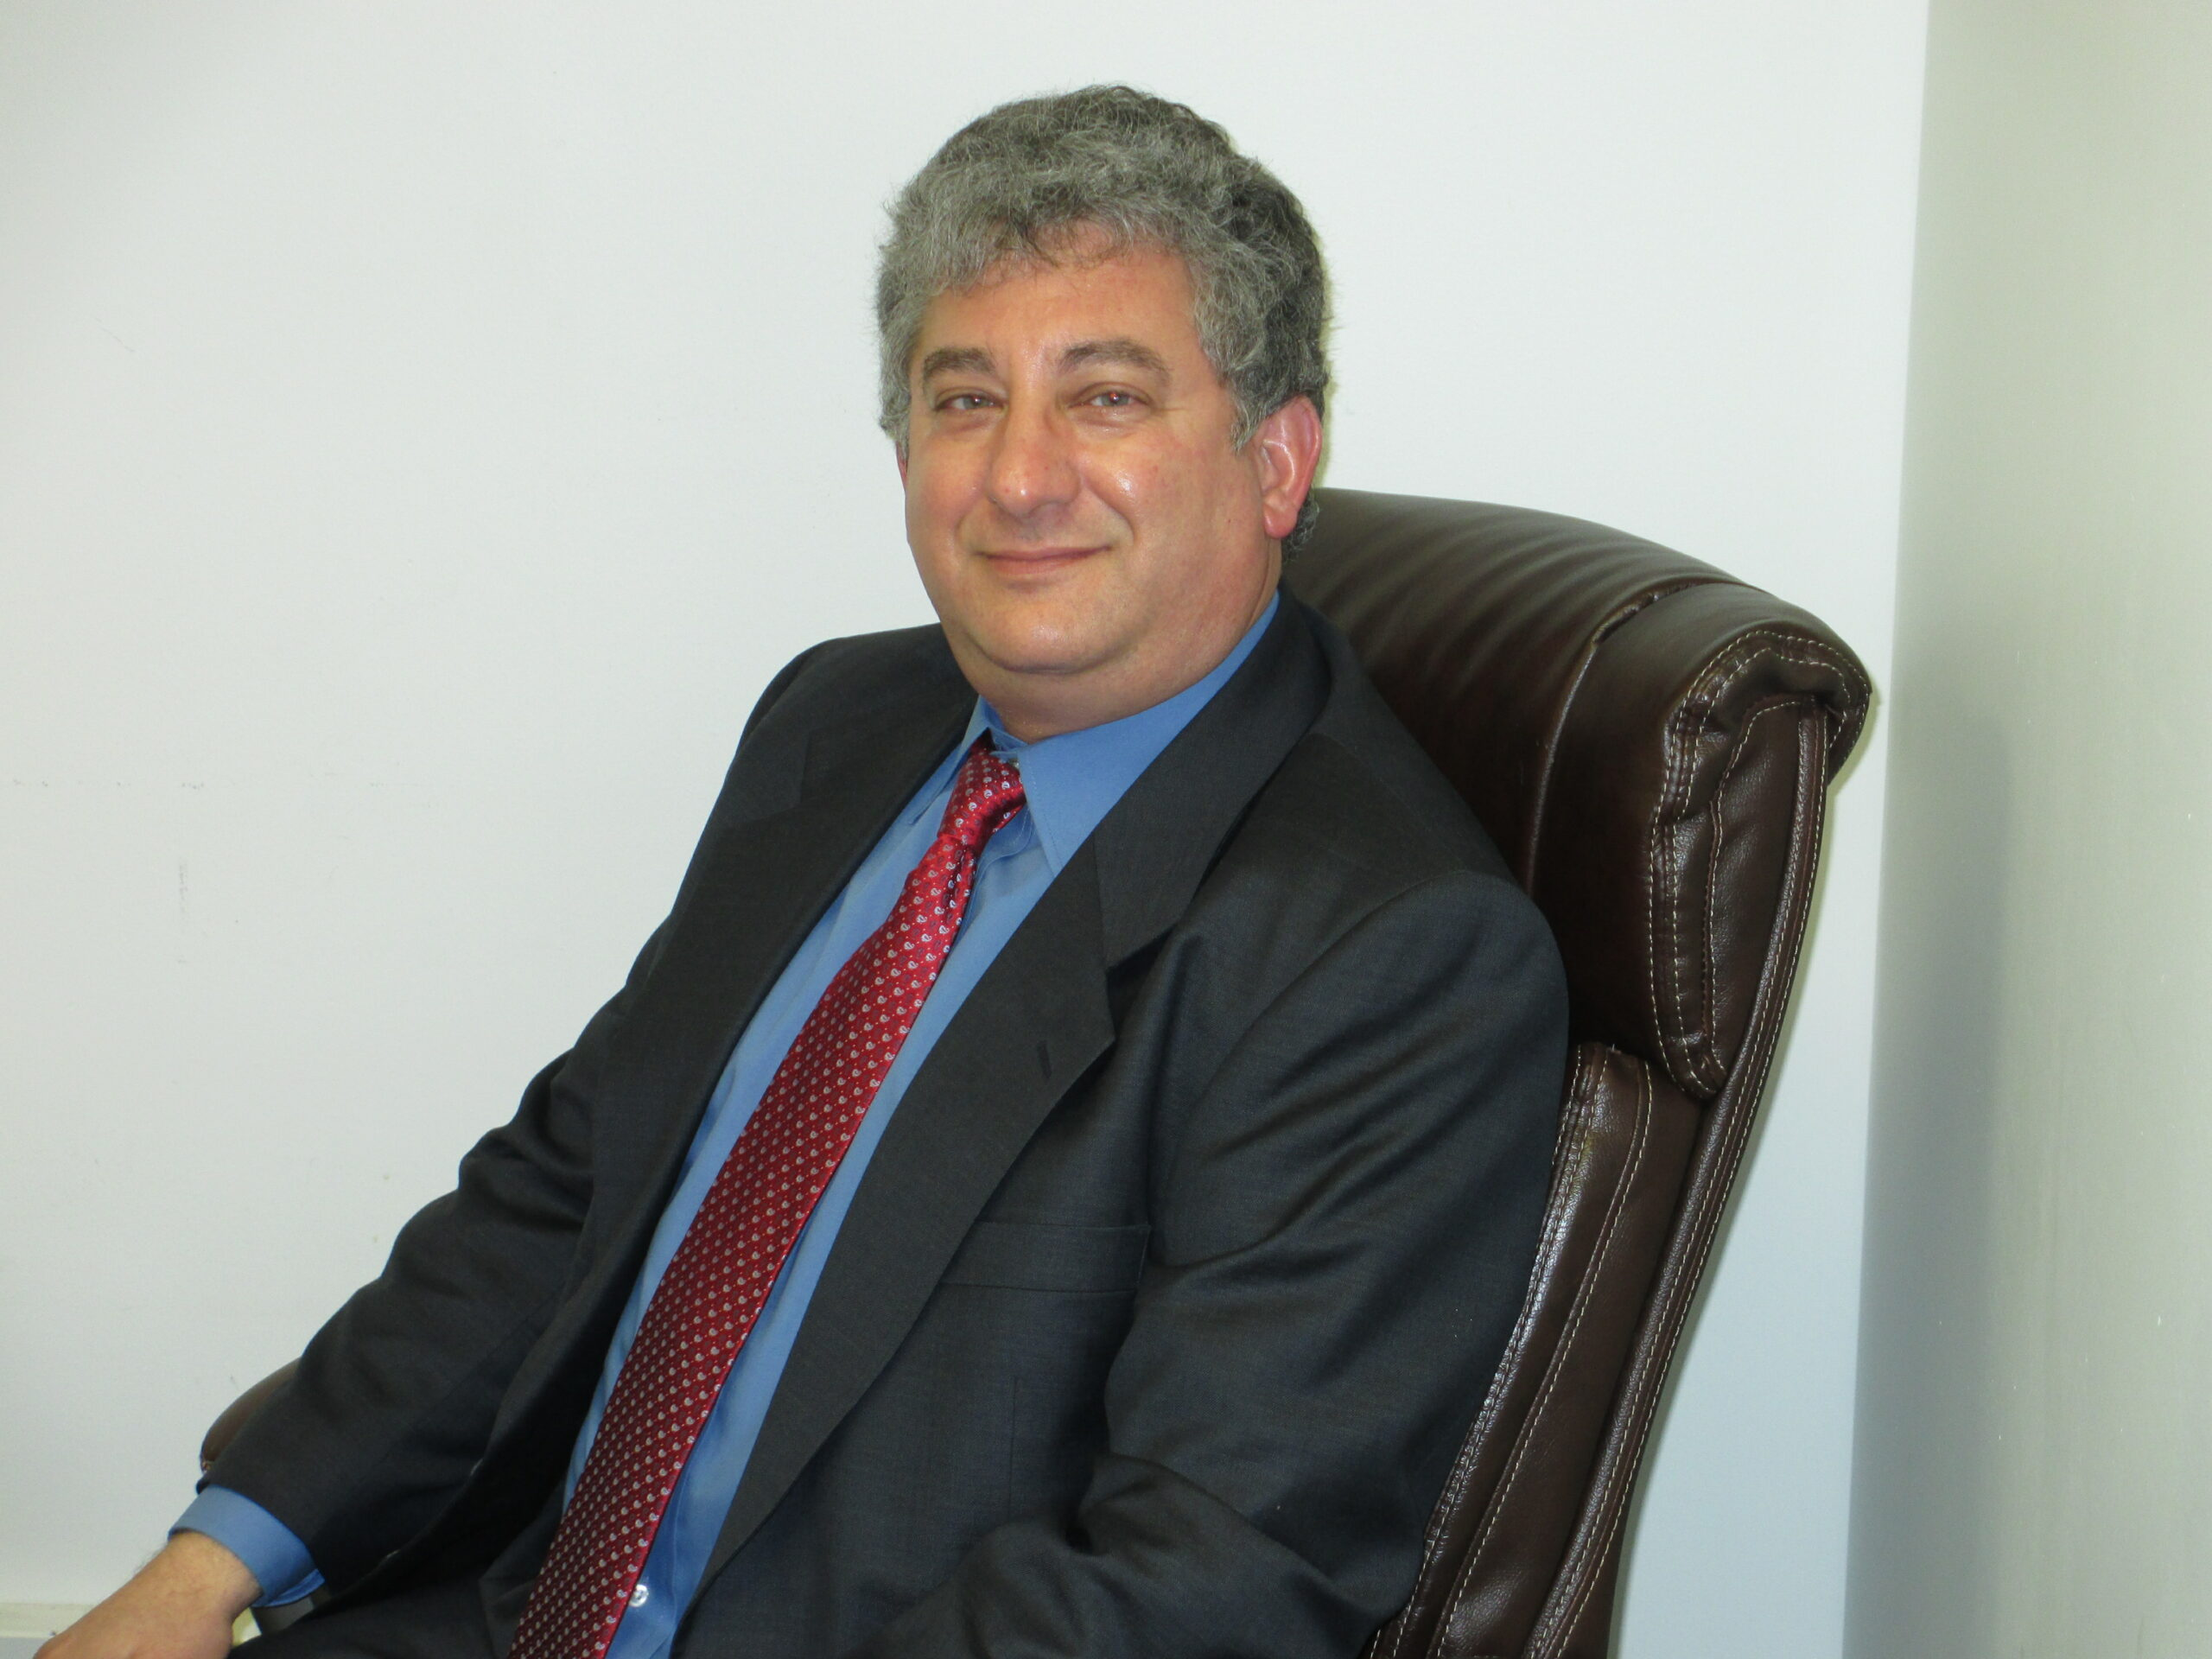 Robert B. Kopelson